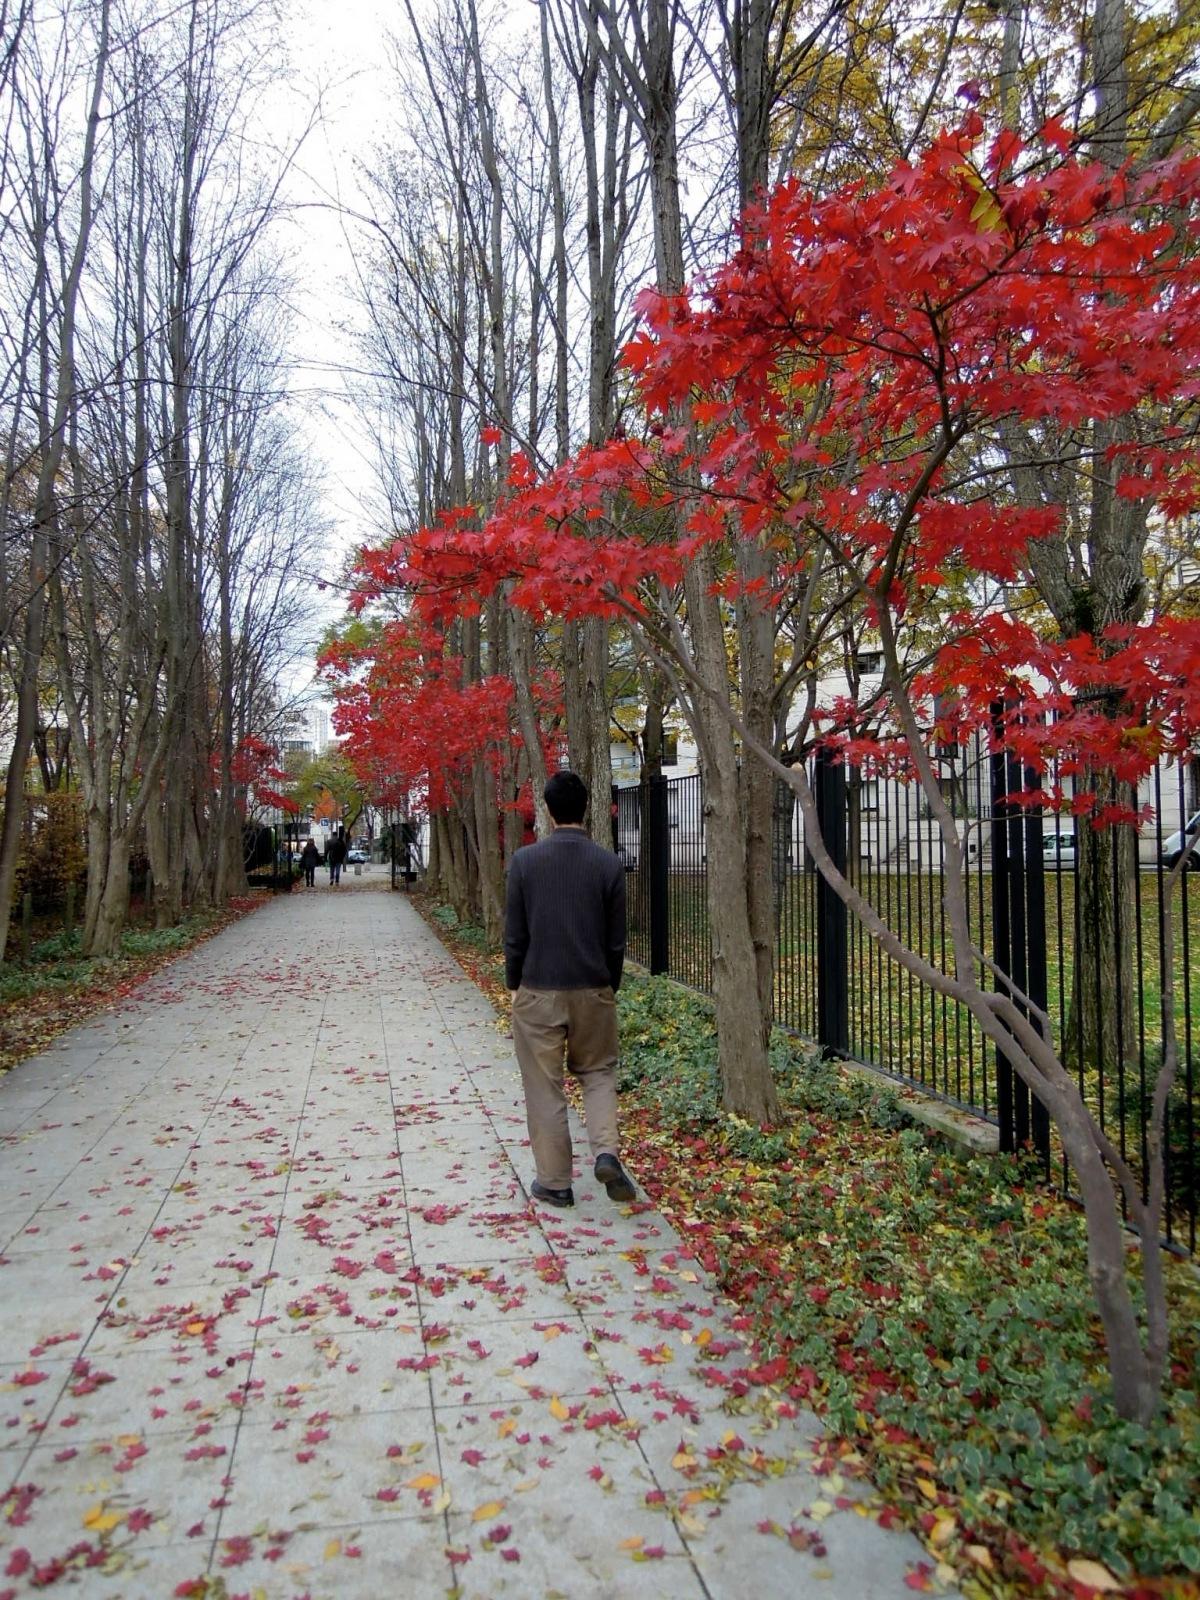 Vivid red leaves